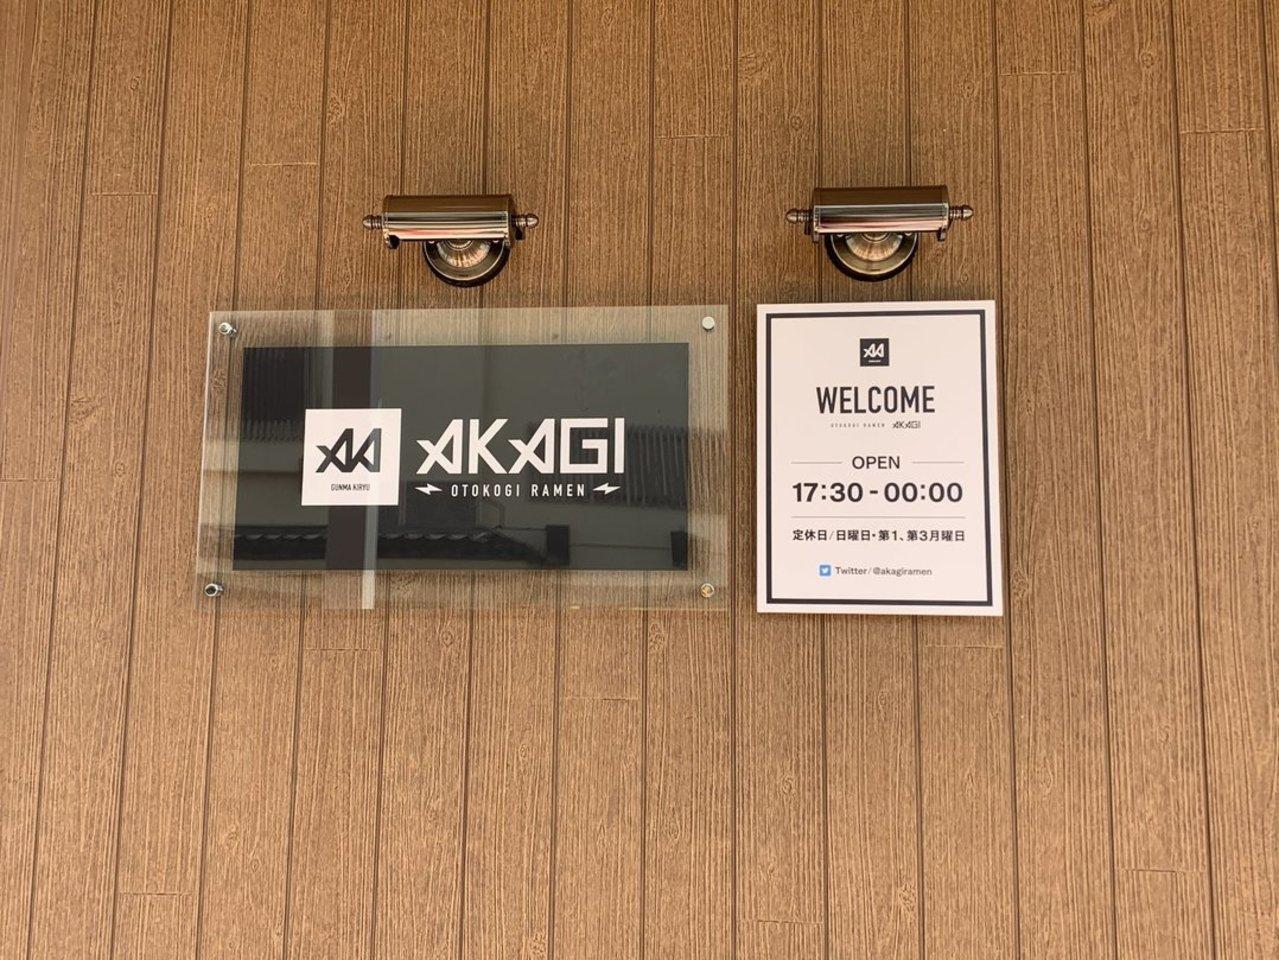 群馬県桐生市境野町2丁目に「男気らーめんアカギ」が本日移転オープンのようです。